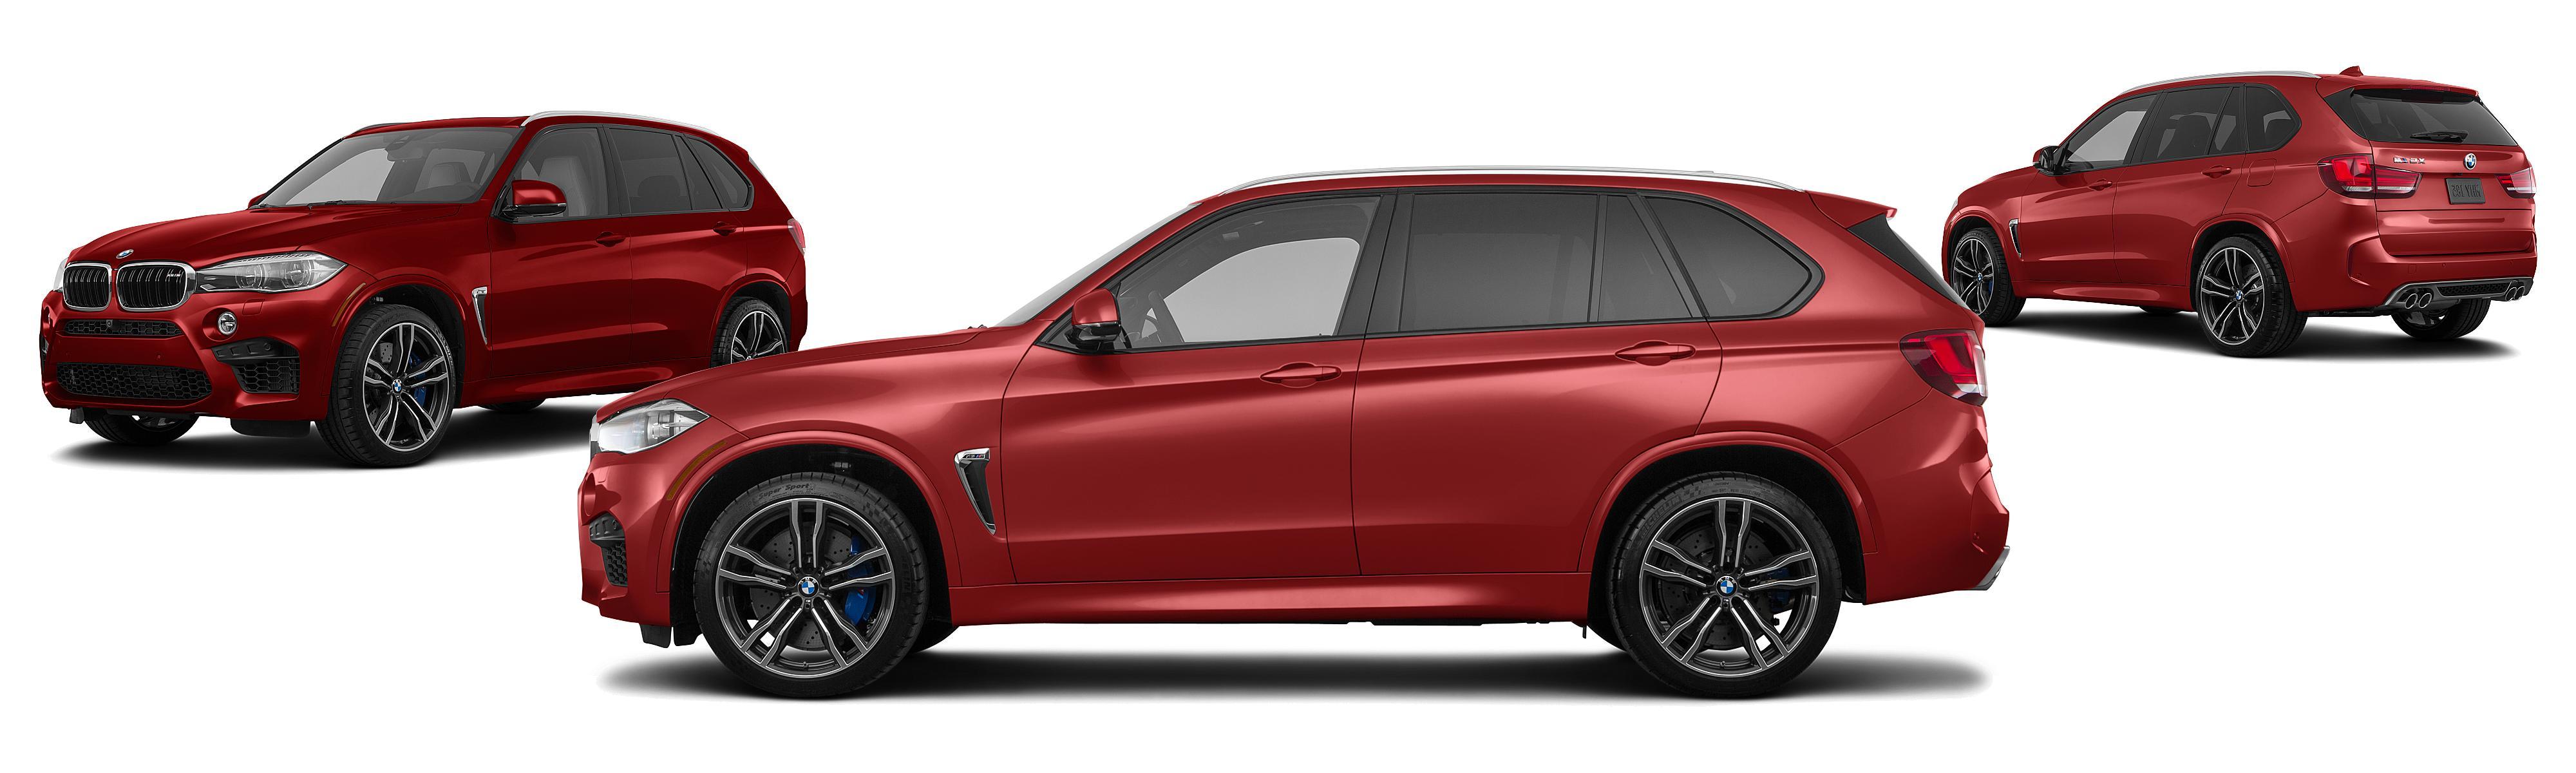 2018 BMW X5 M AWD 4dr SUV